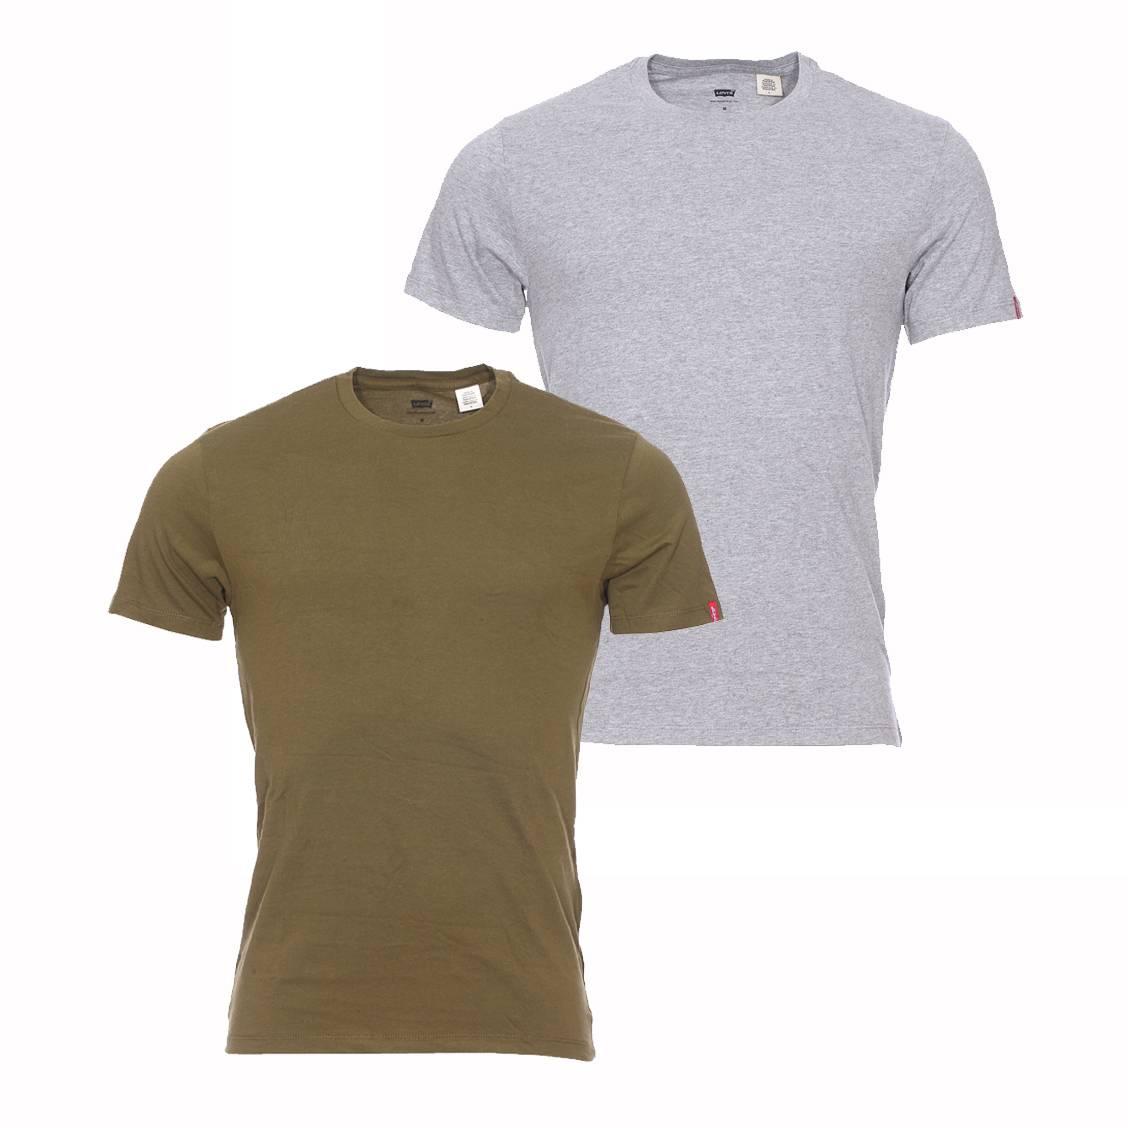 lot de 2 tee shirts col rond levi 39 s en coton gris chin et. Black Bedroom Furniture Sets. Home Design Ideas